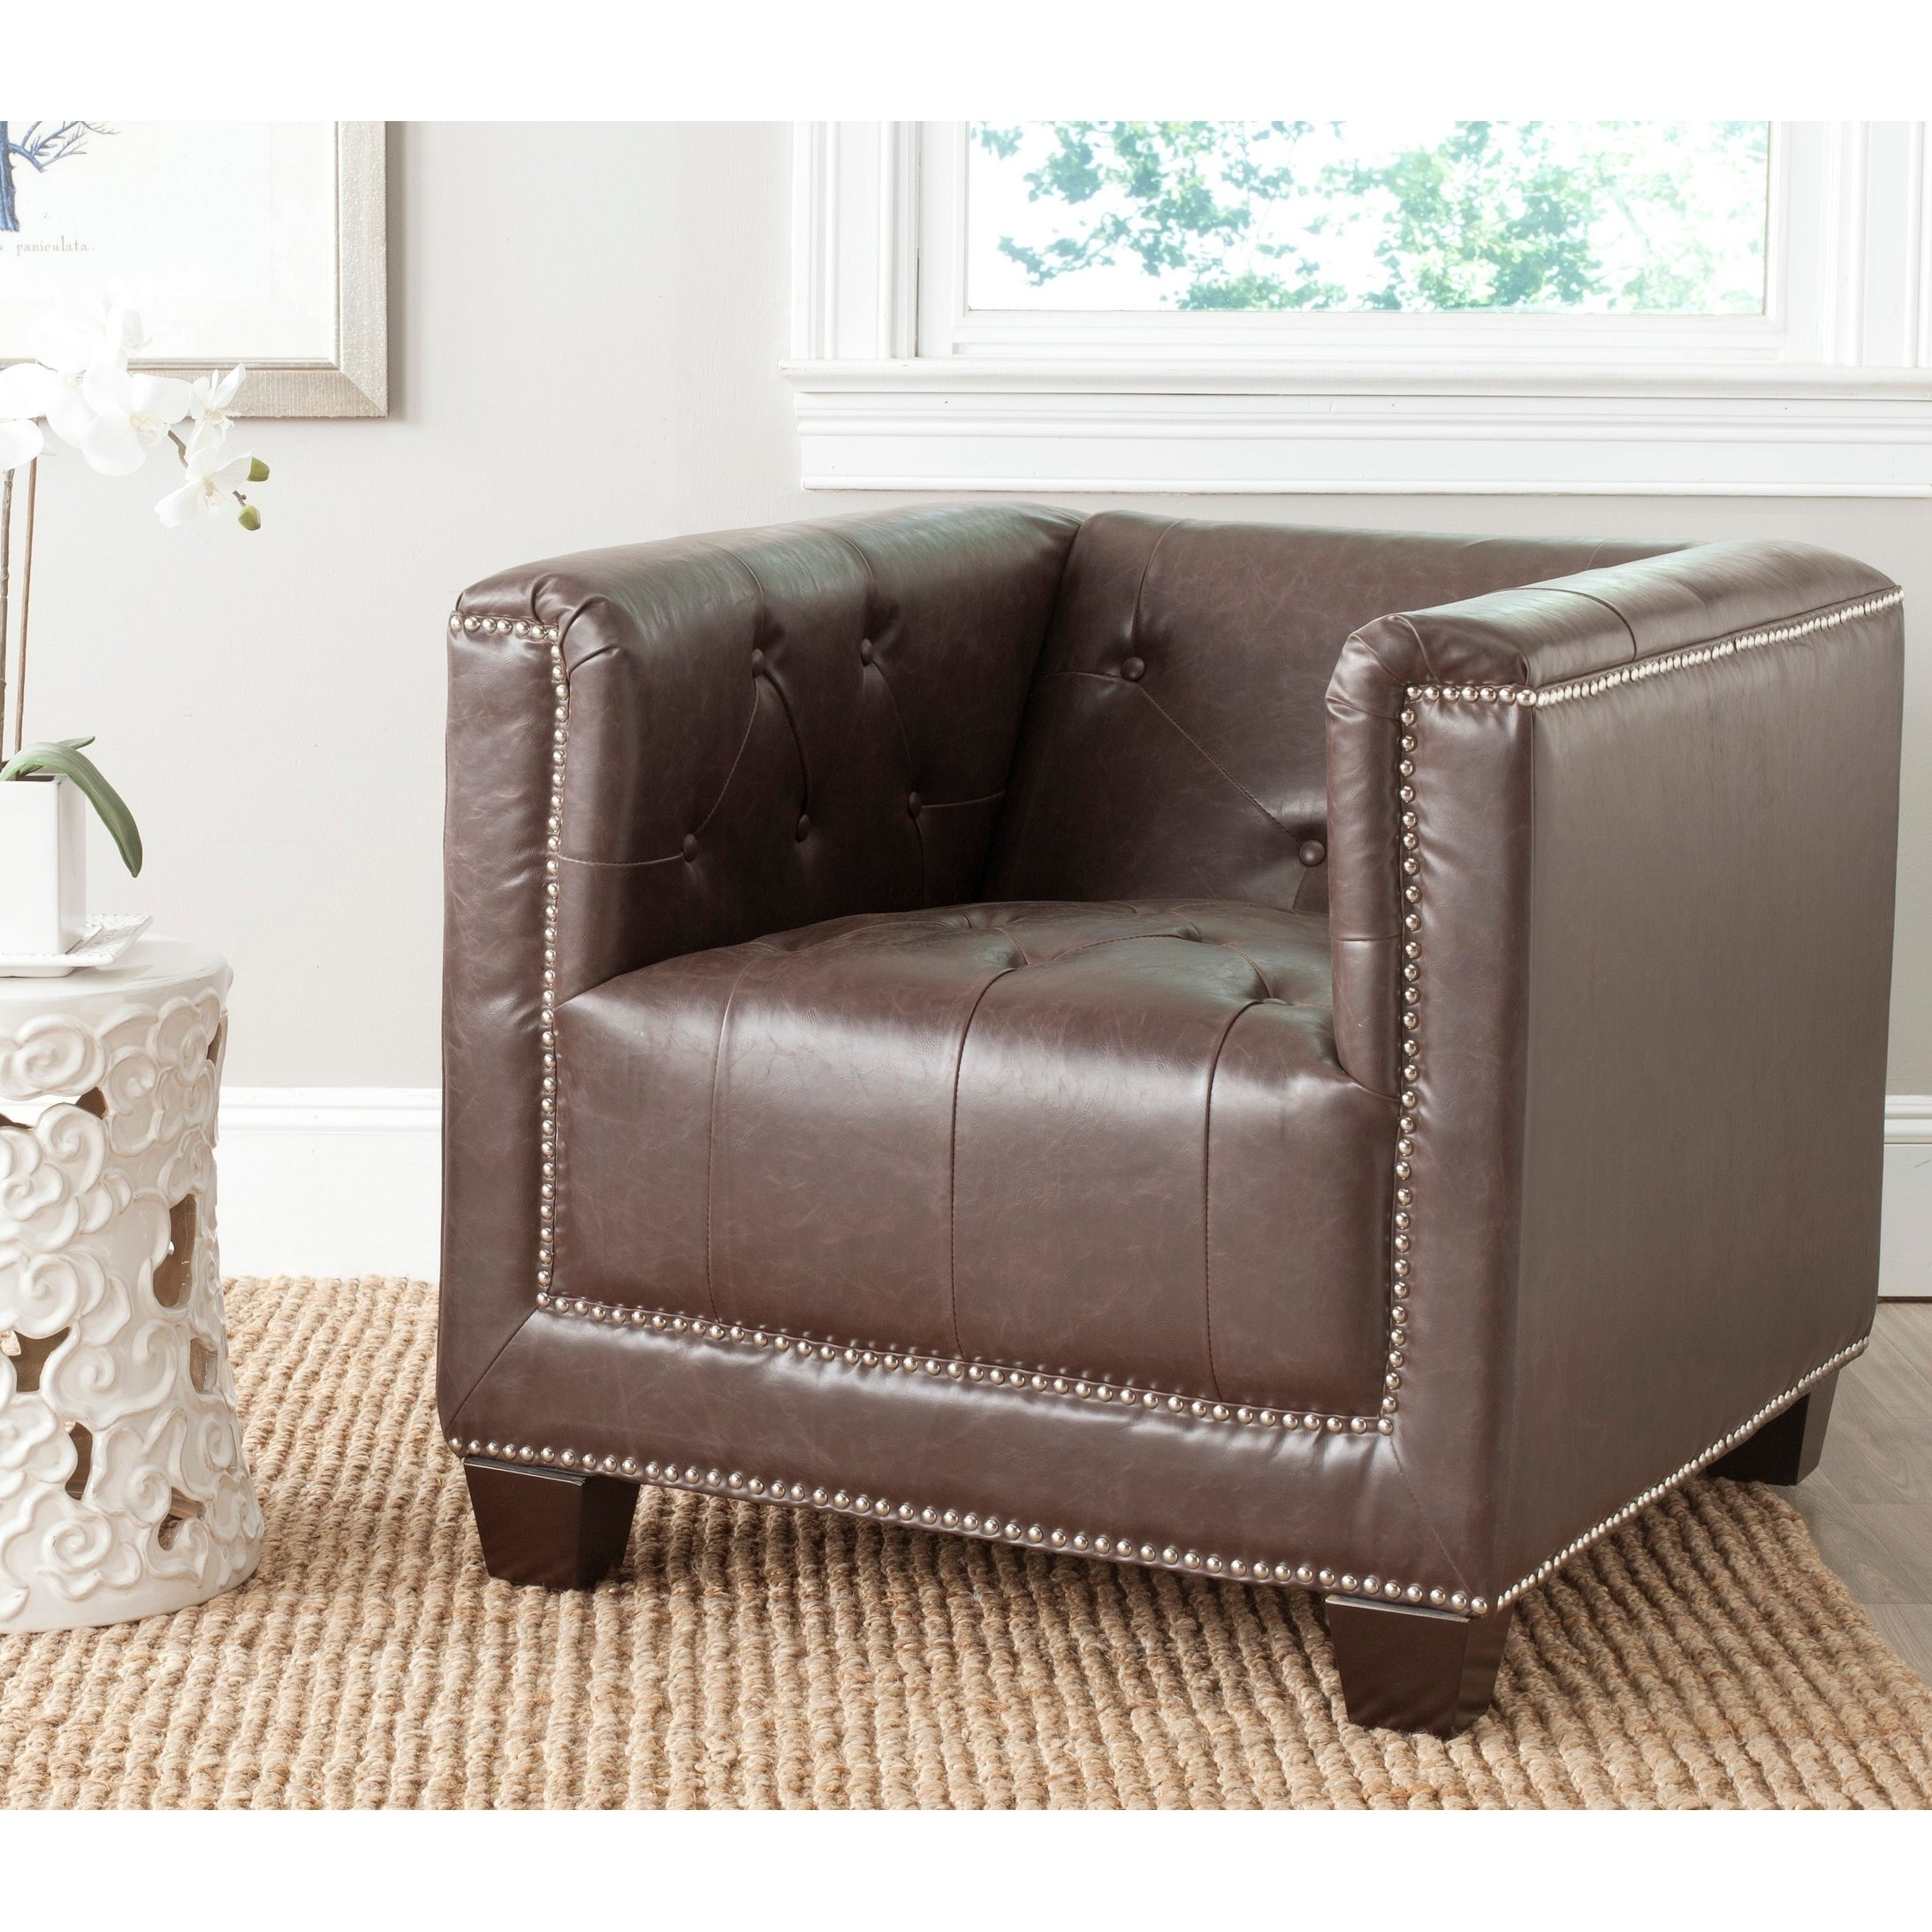 Safavieh Bentley Antique Brown Chair (MCR4574D) (Faux Lea...